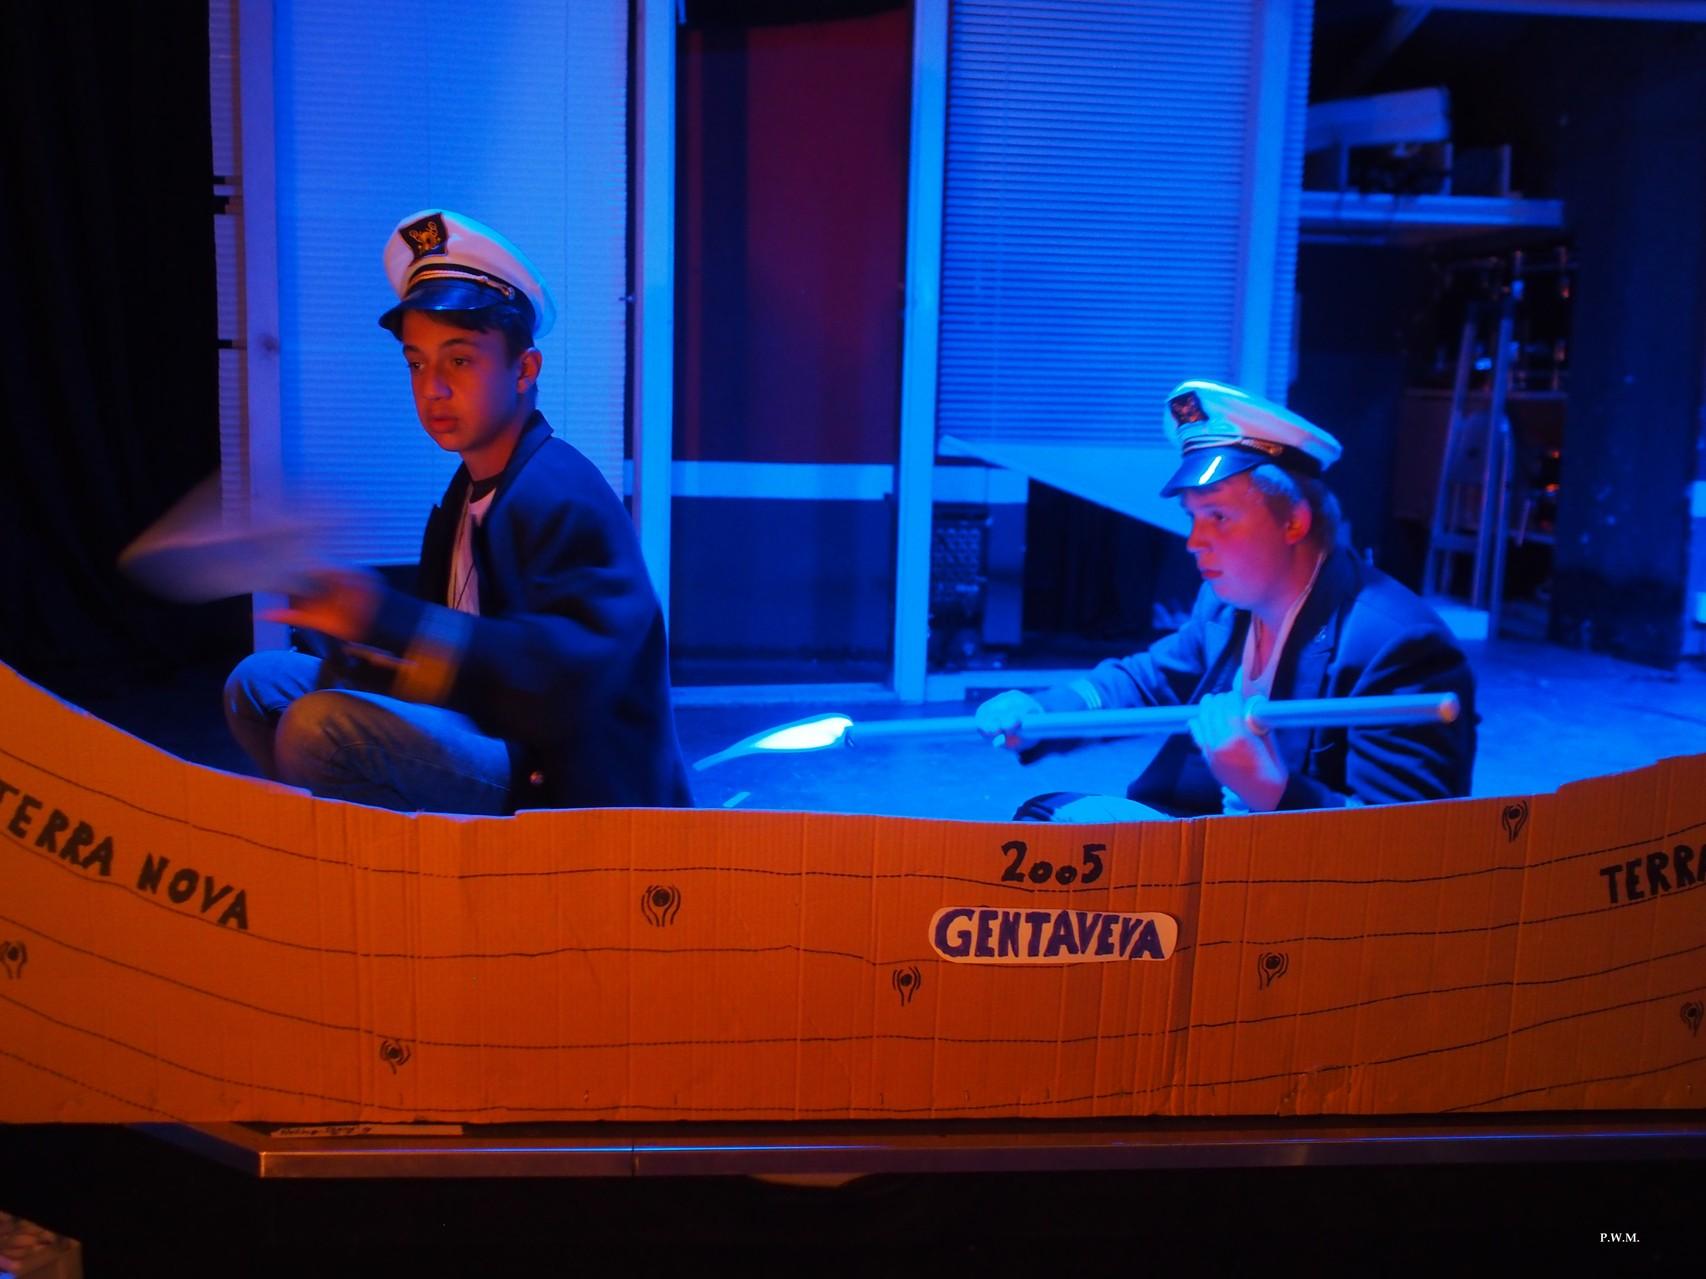 """Na, warum müssen wir die überhaupt holen?  """"Mit Captain Rossi auf hoher See"""" (2014)"""